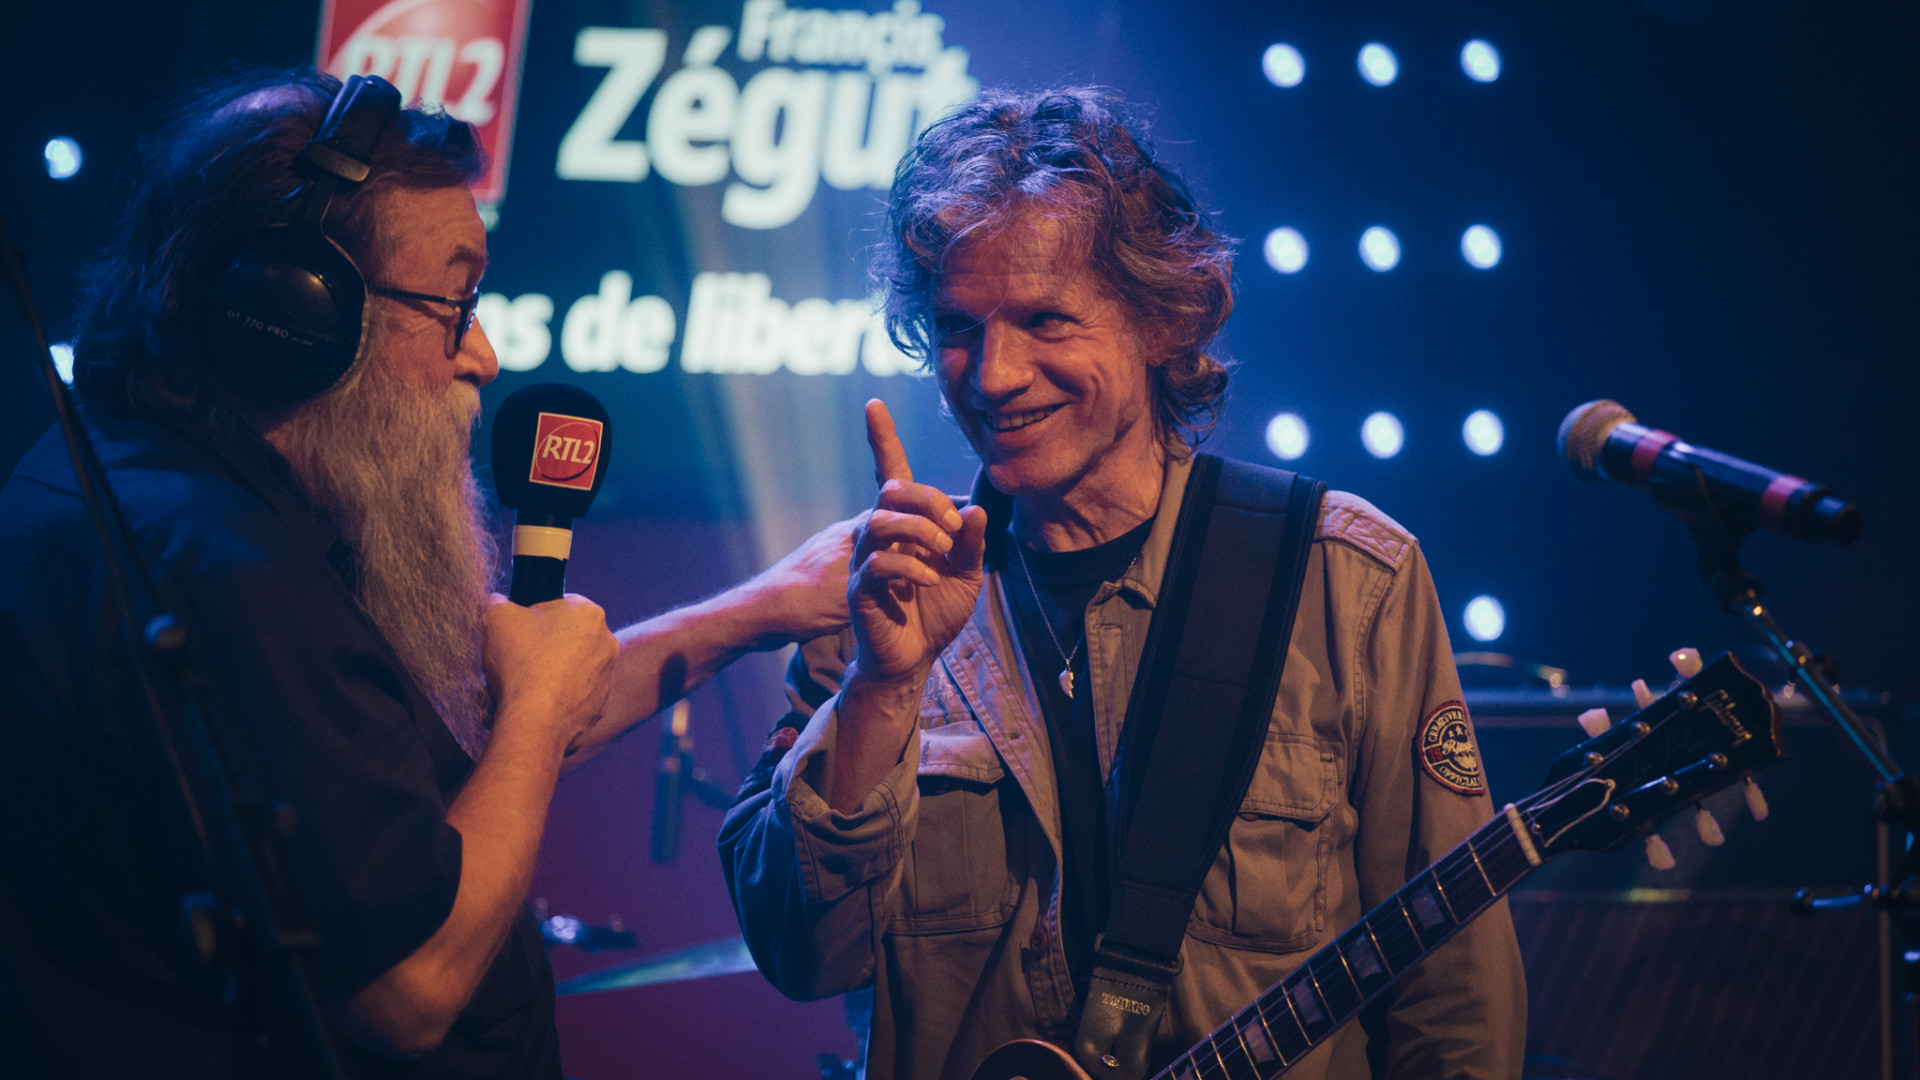 Paul Personne est aussi venu rendre une visite surprise à Francis Zégut